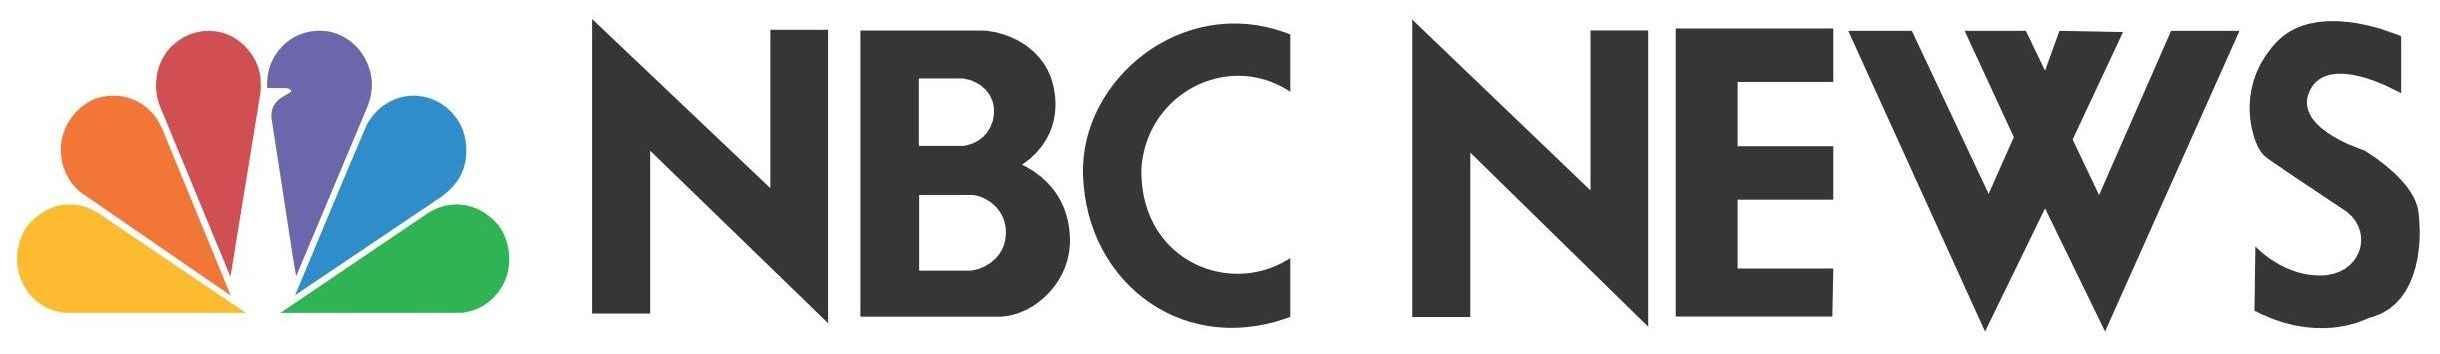 NBCNews.com Logo [EPS File] png